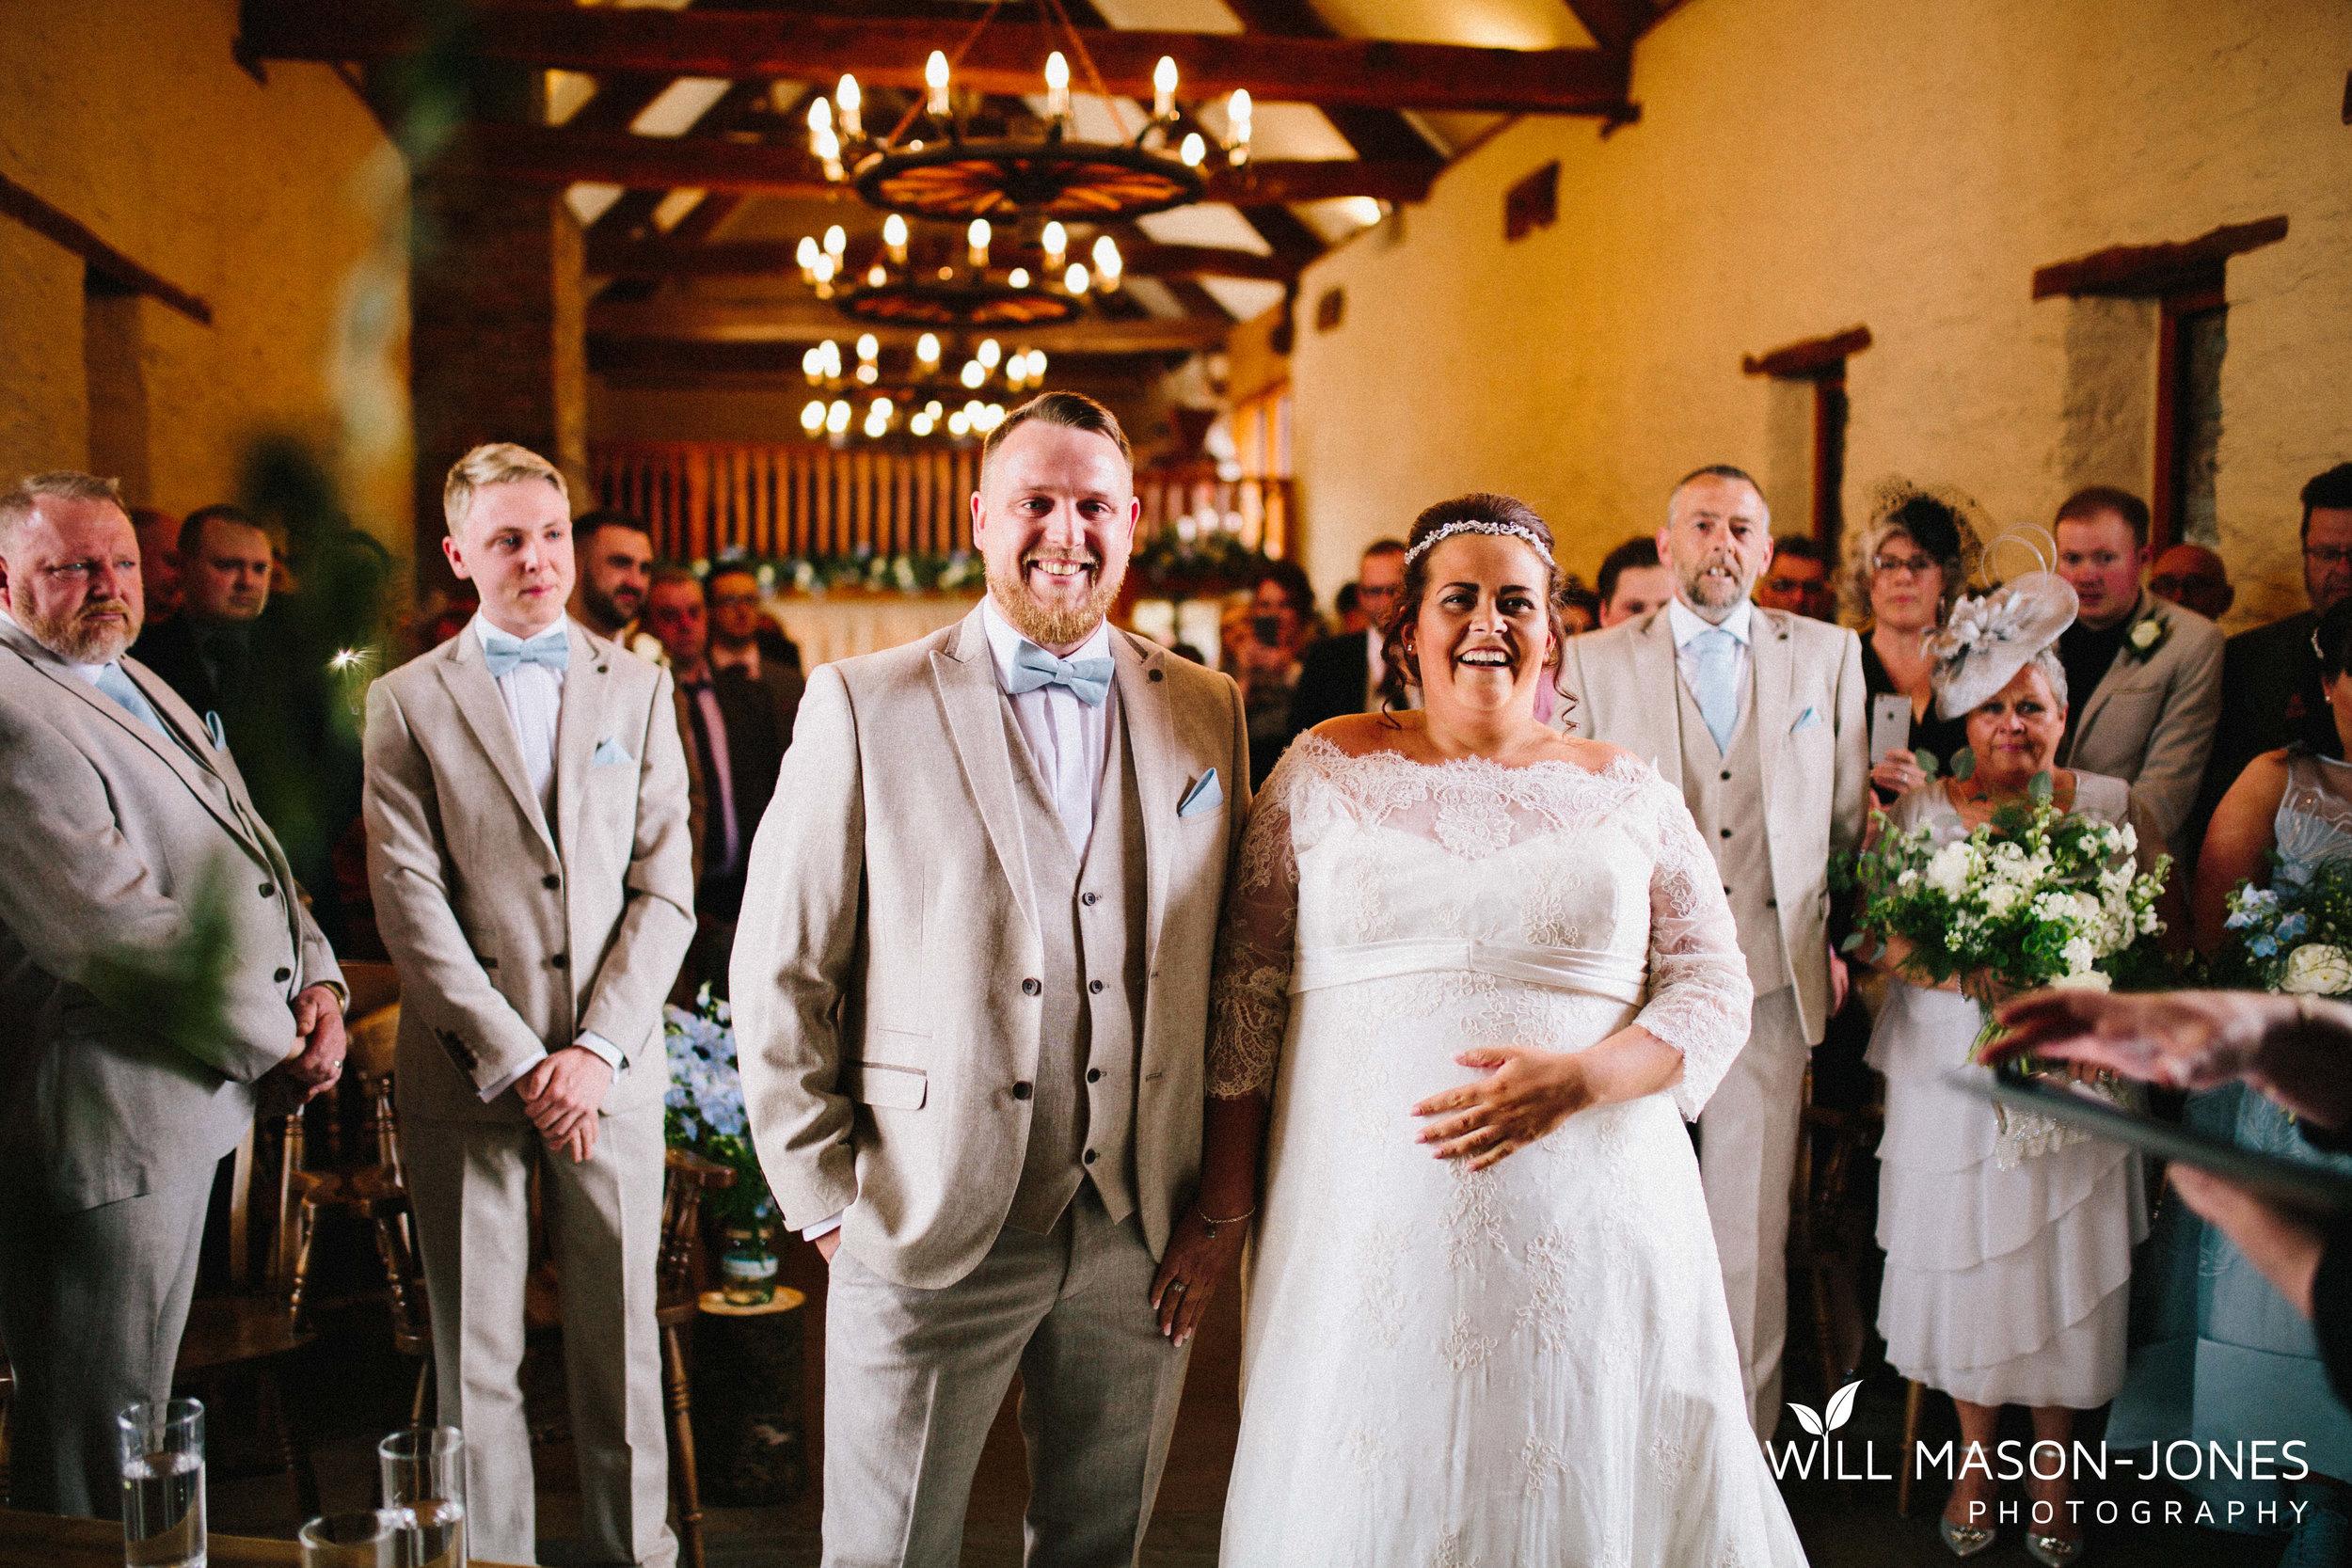 barn-y-brynych-brecon-swansea-wedding-photographer-cardiff-8.jpg